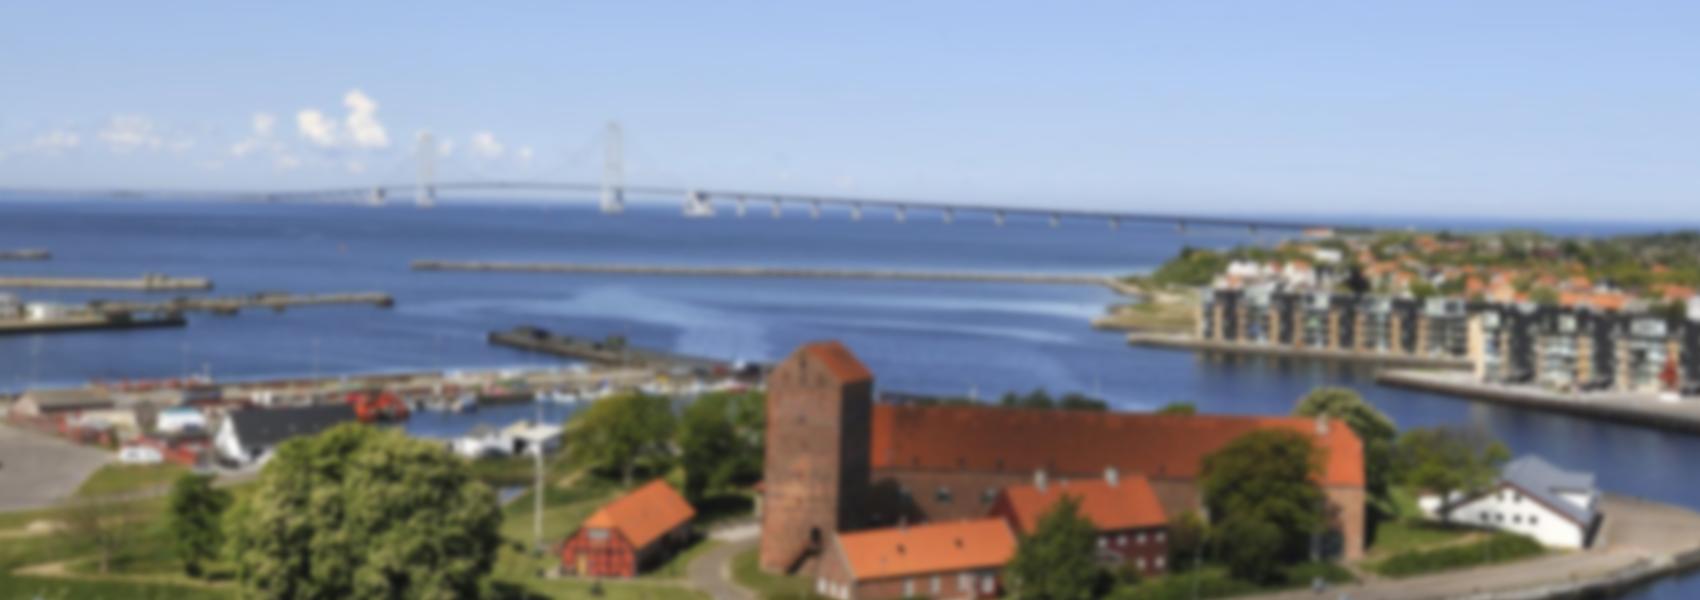 Dánská společnost SK Forsyning se chystá nasadit řešení Gridstream® AMI